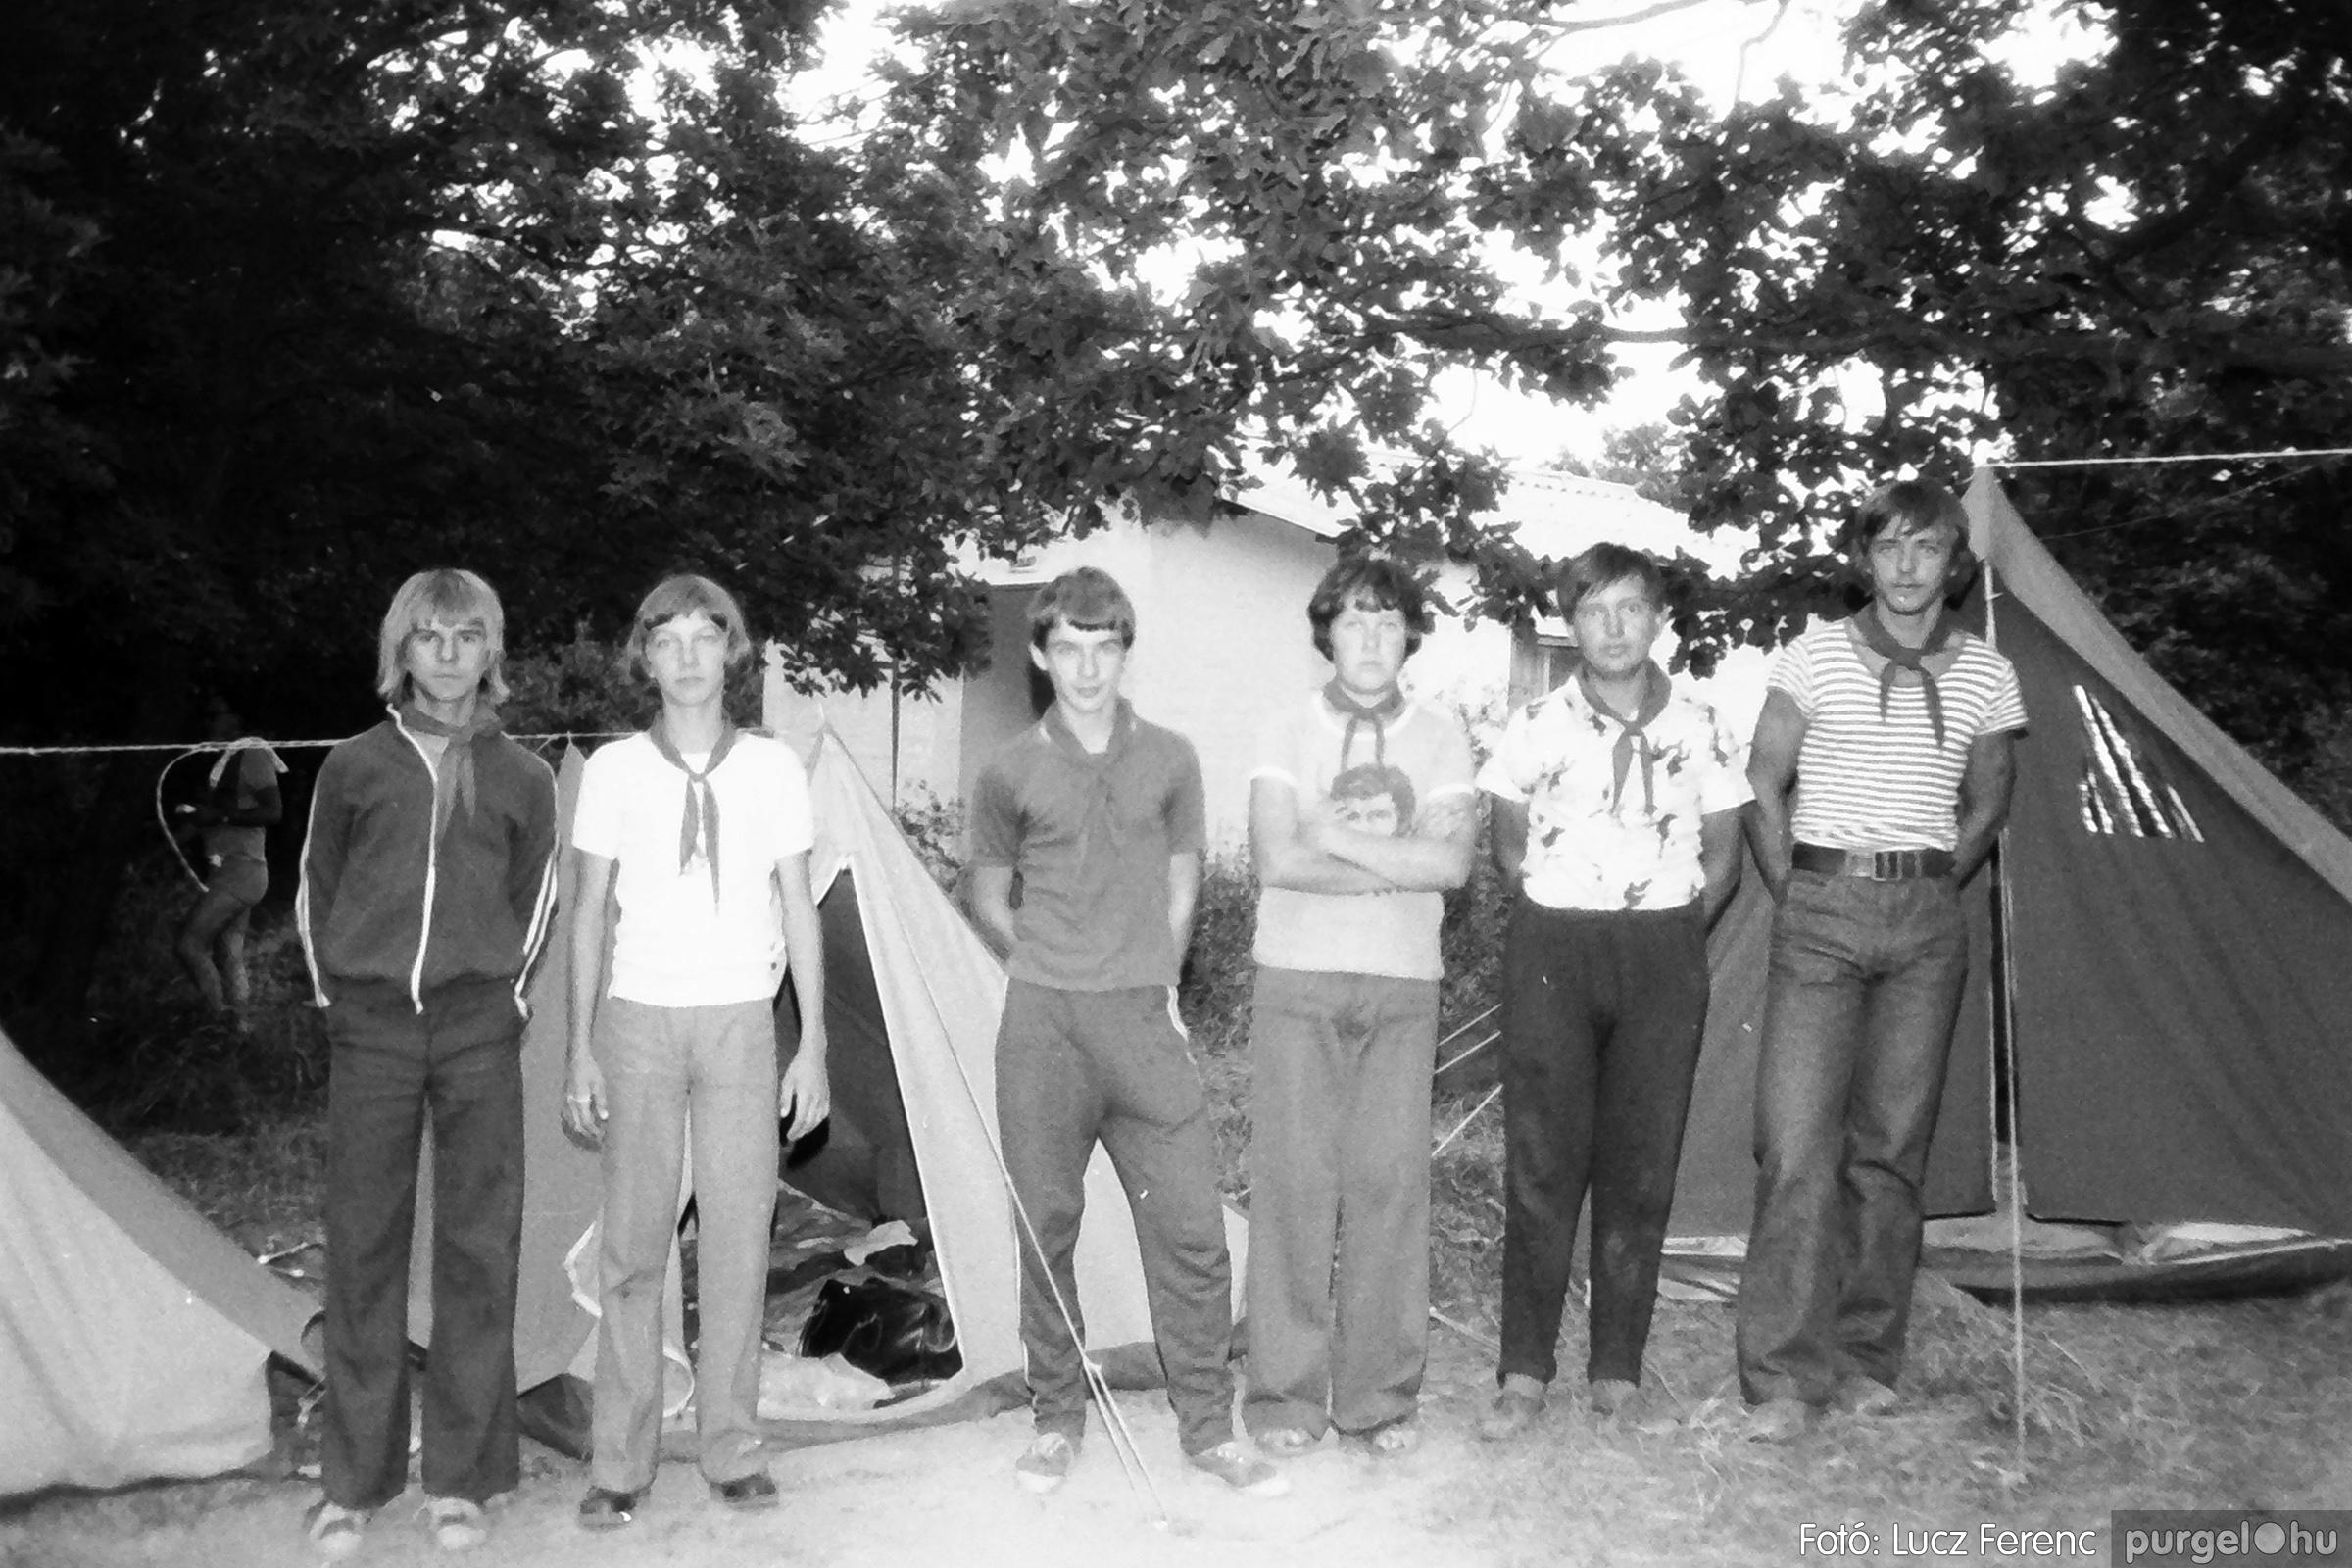 086, 088. 1977. Nyári tábor a Mátrában 054. - Fotó: Lucz Ferenc.jpg